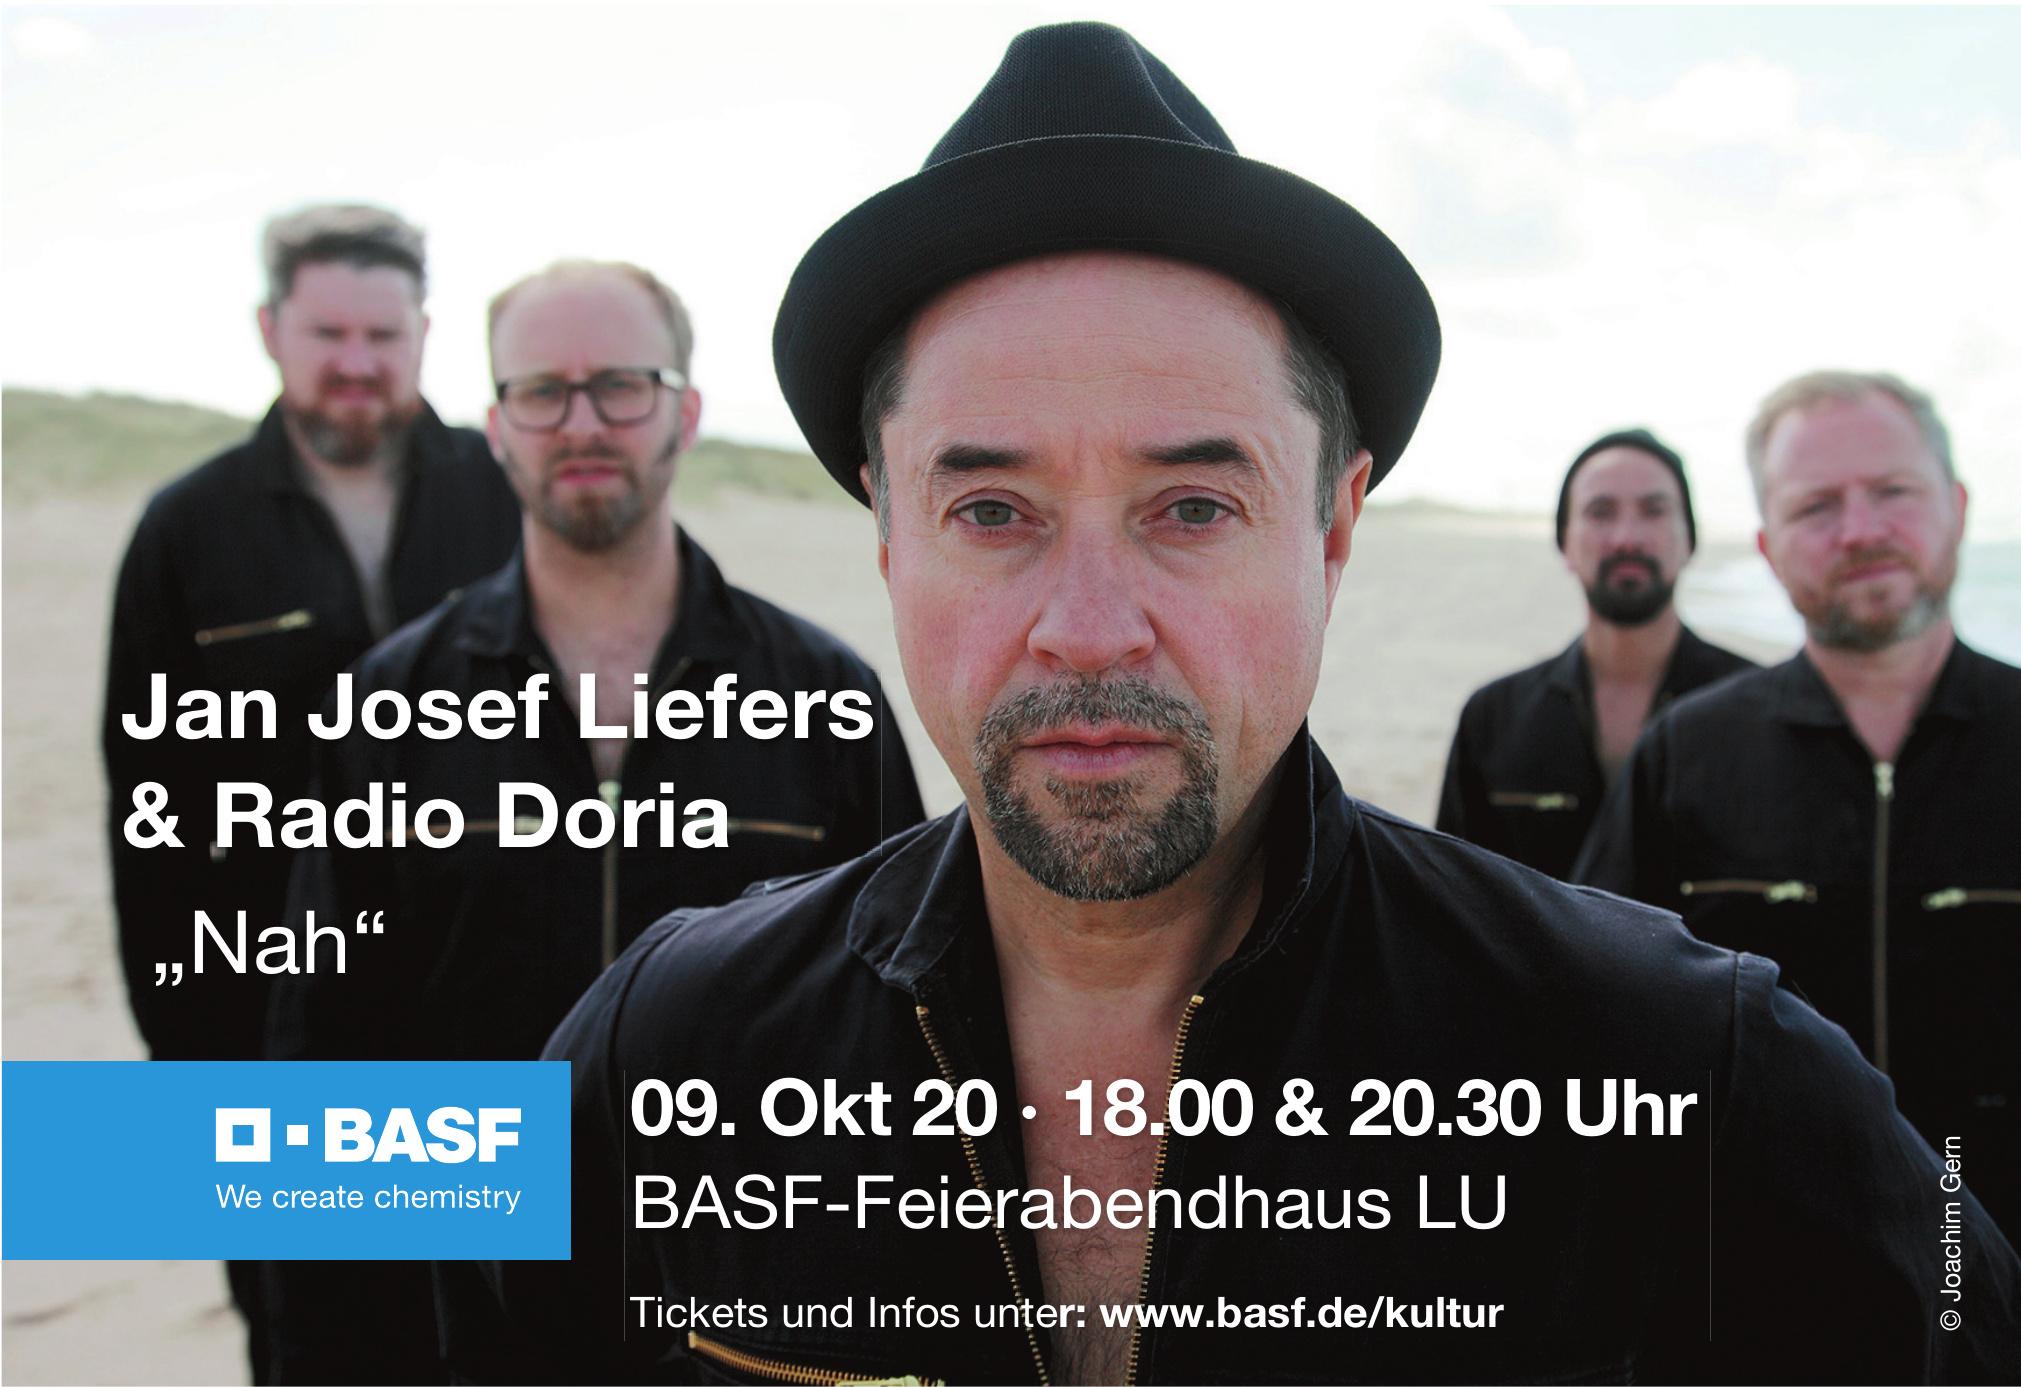 BASF-Feierabendhaus LU